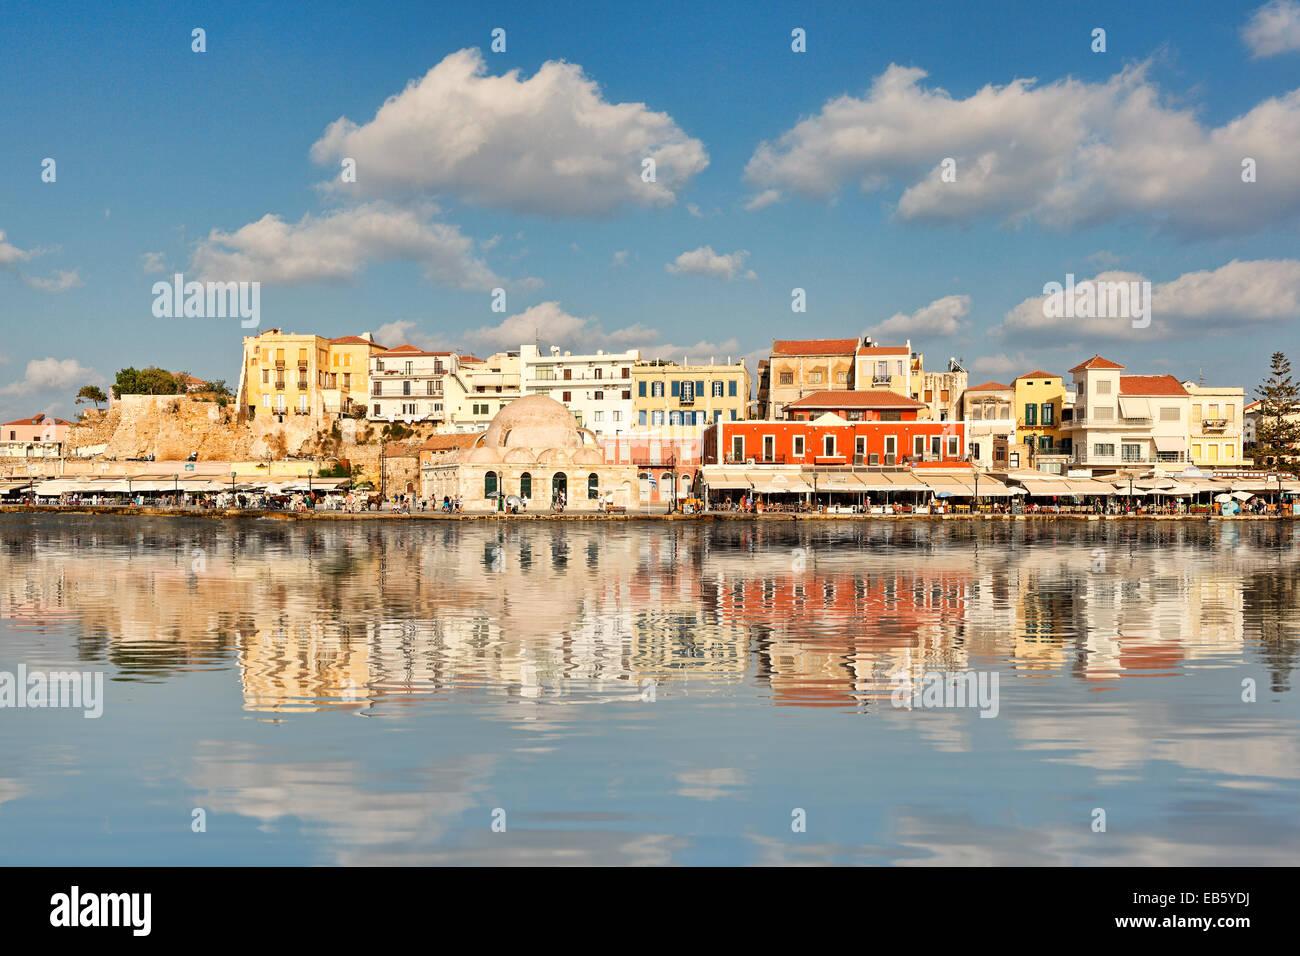 Venezianischen Hafen von Chania mit der grandiosen Architektur entstand im 14. Jahrhundert in Kreta, Griechenland Stockbild